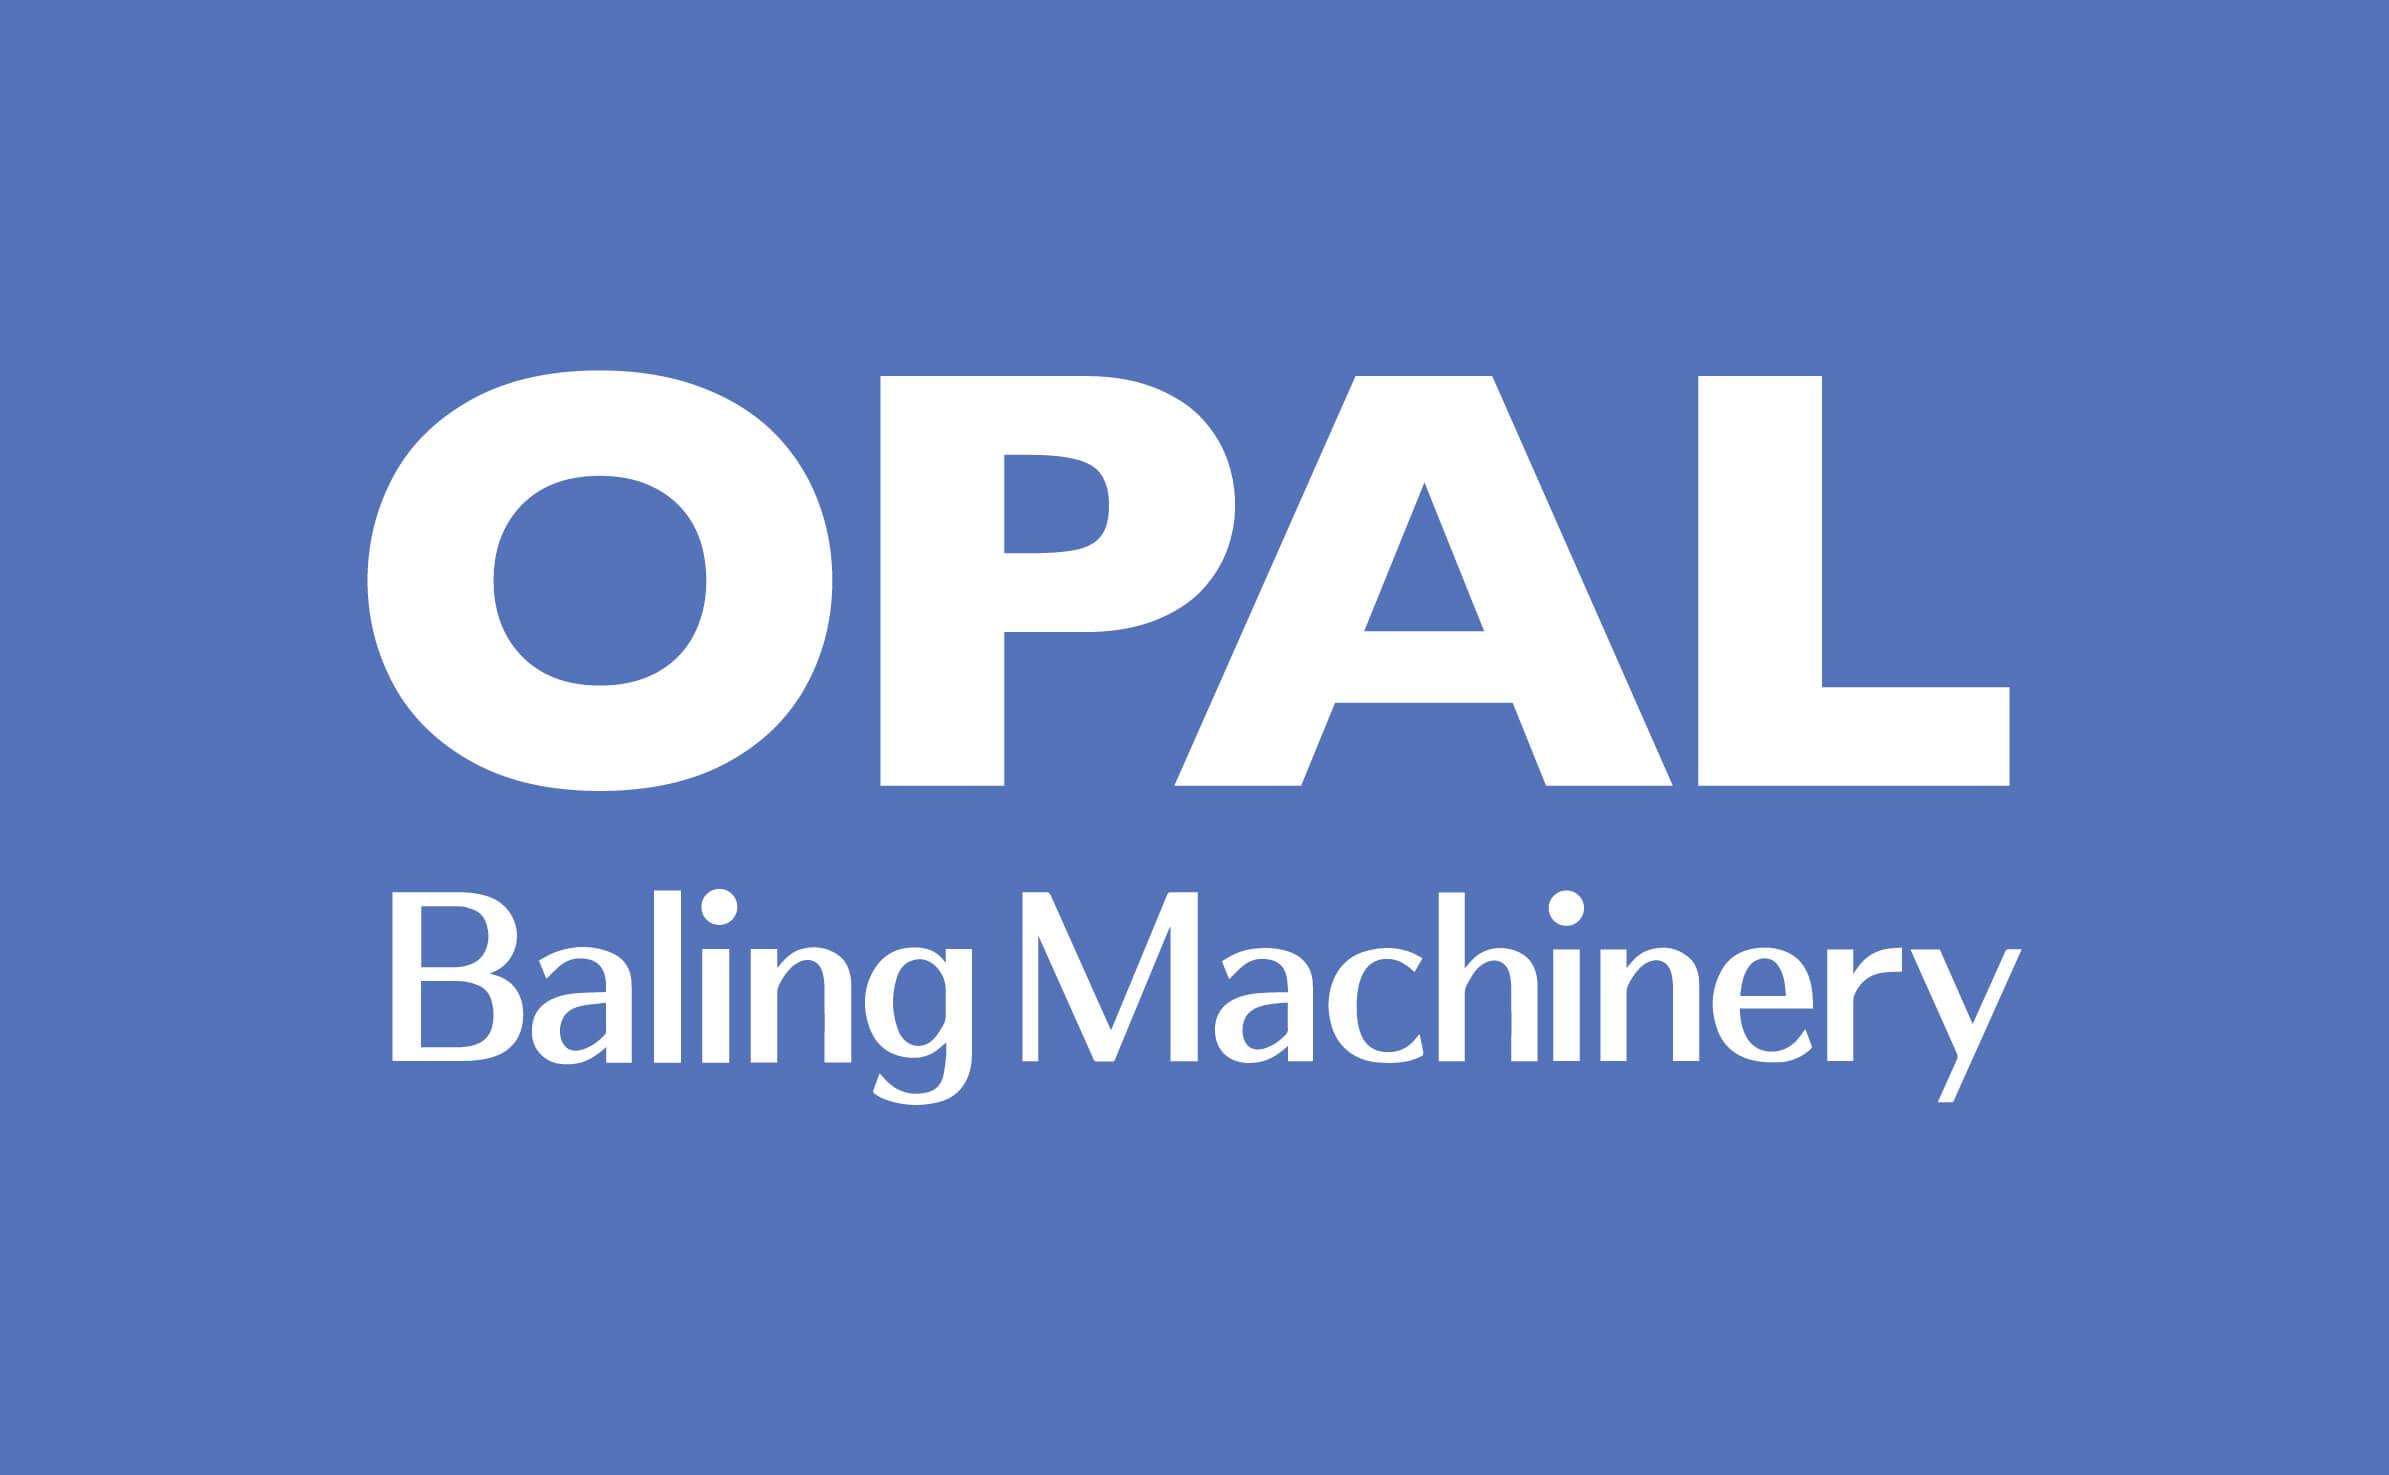 Opal Baling Machinery